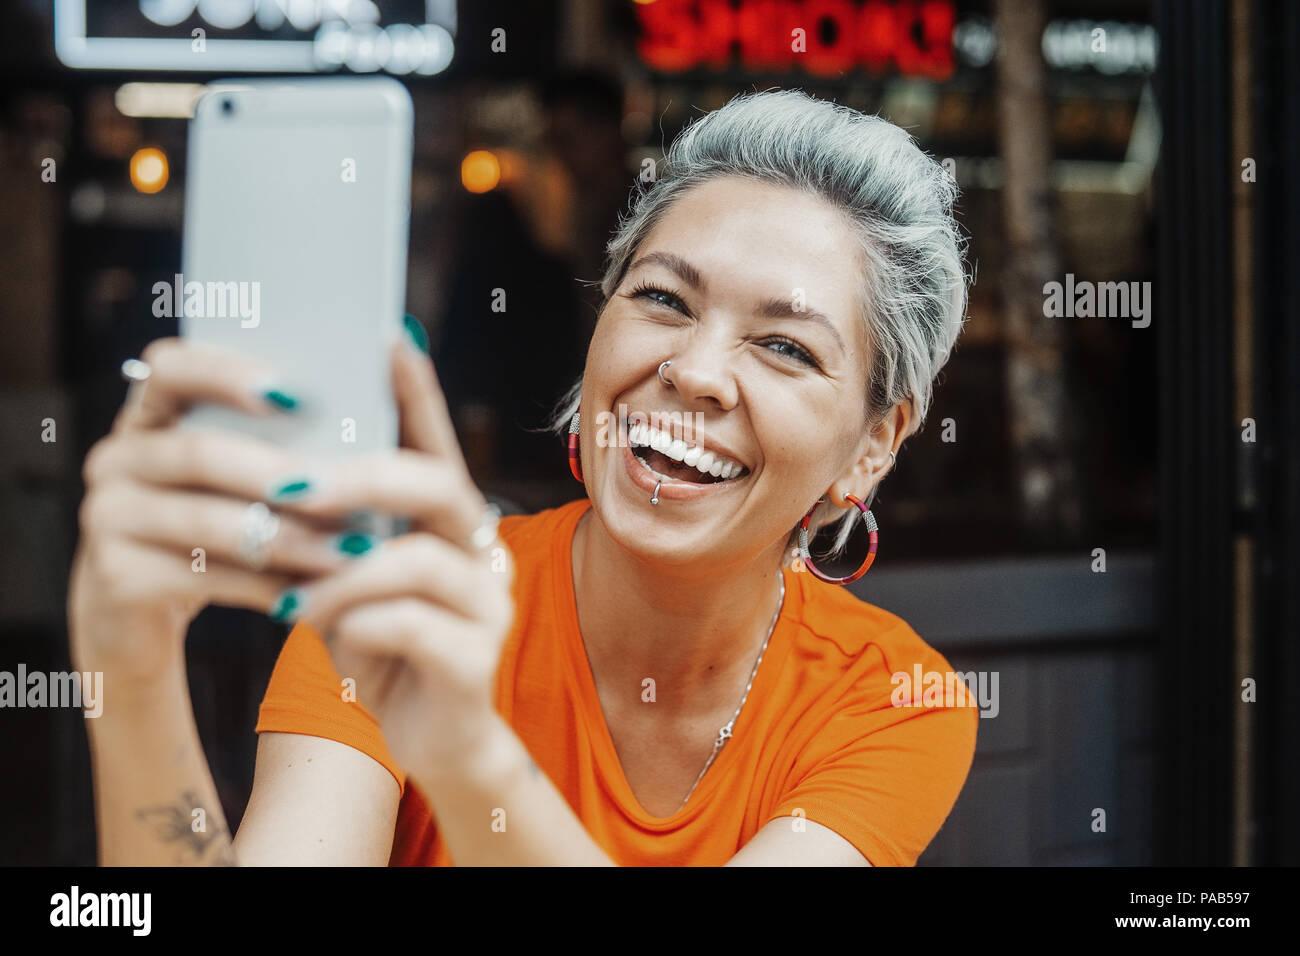 Jolie femme blonde positive en tee-shirt orange de décisions au café selfies Photo Stock